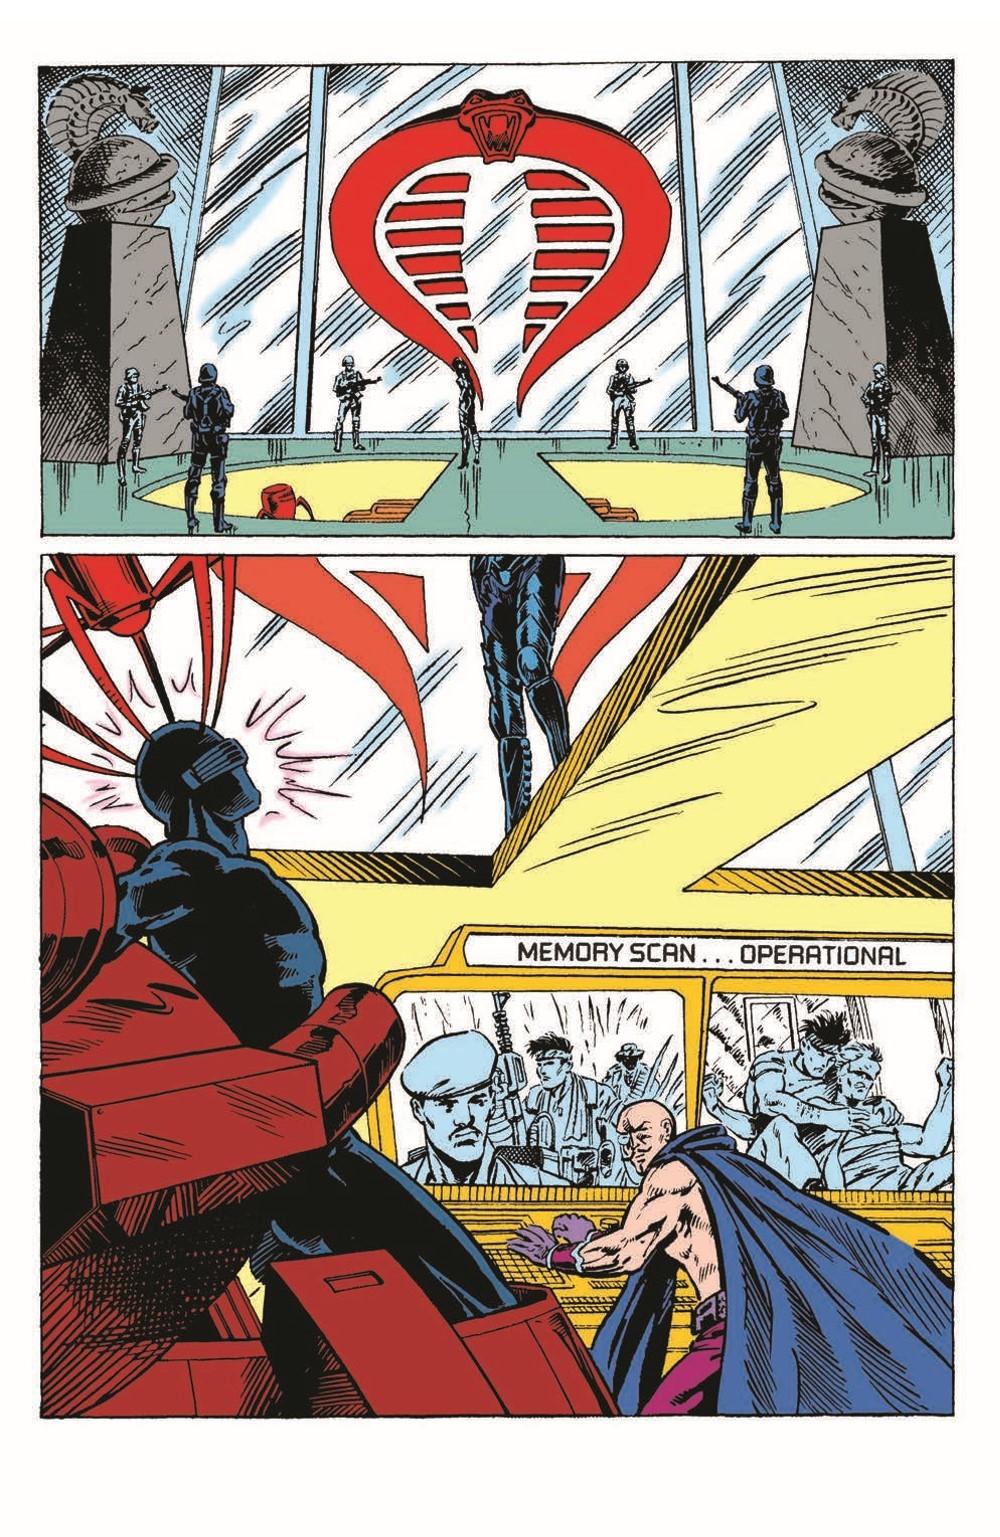 GIJoeRAH_Yearbook03-pr-7 ComicList Previews: G.I. JOE A REAL AMERICAN HERO YEARBOOK #3